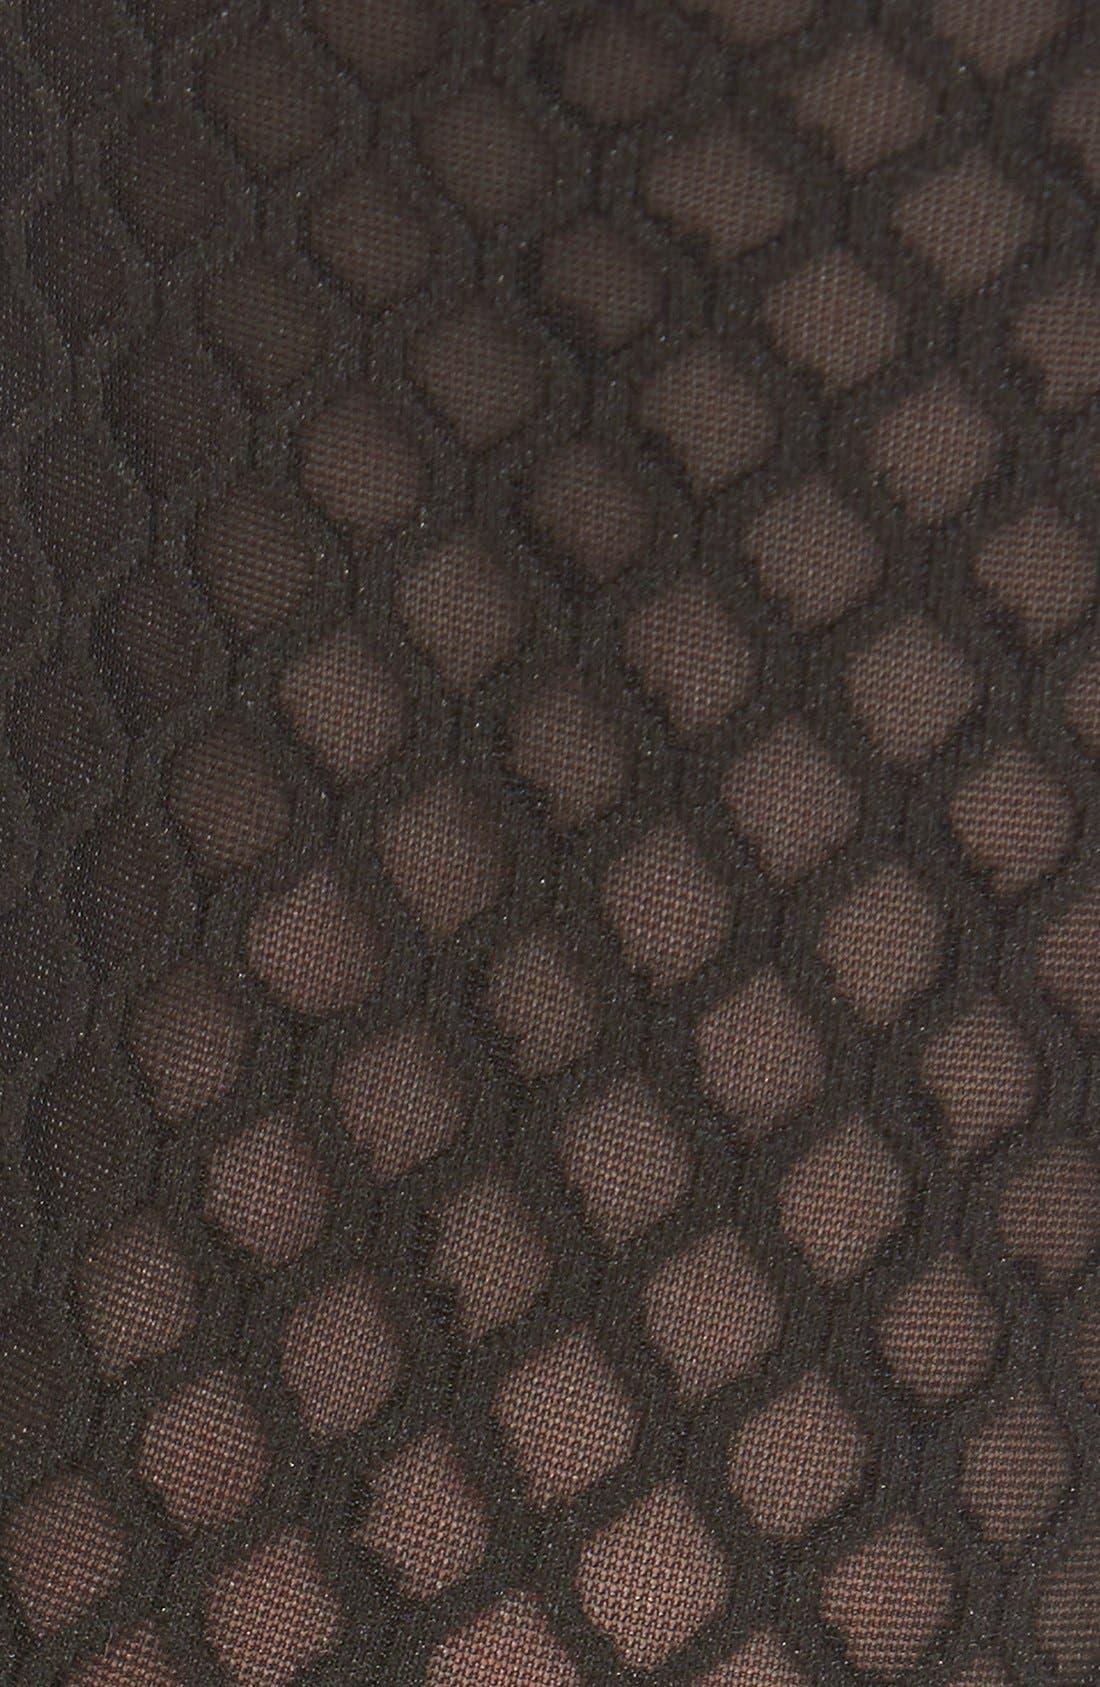 Alternate Image 2  - Wolford 'Sibylle' Semi-Sheer Trouser Socks